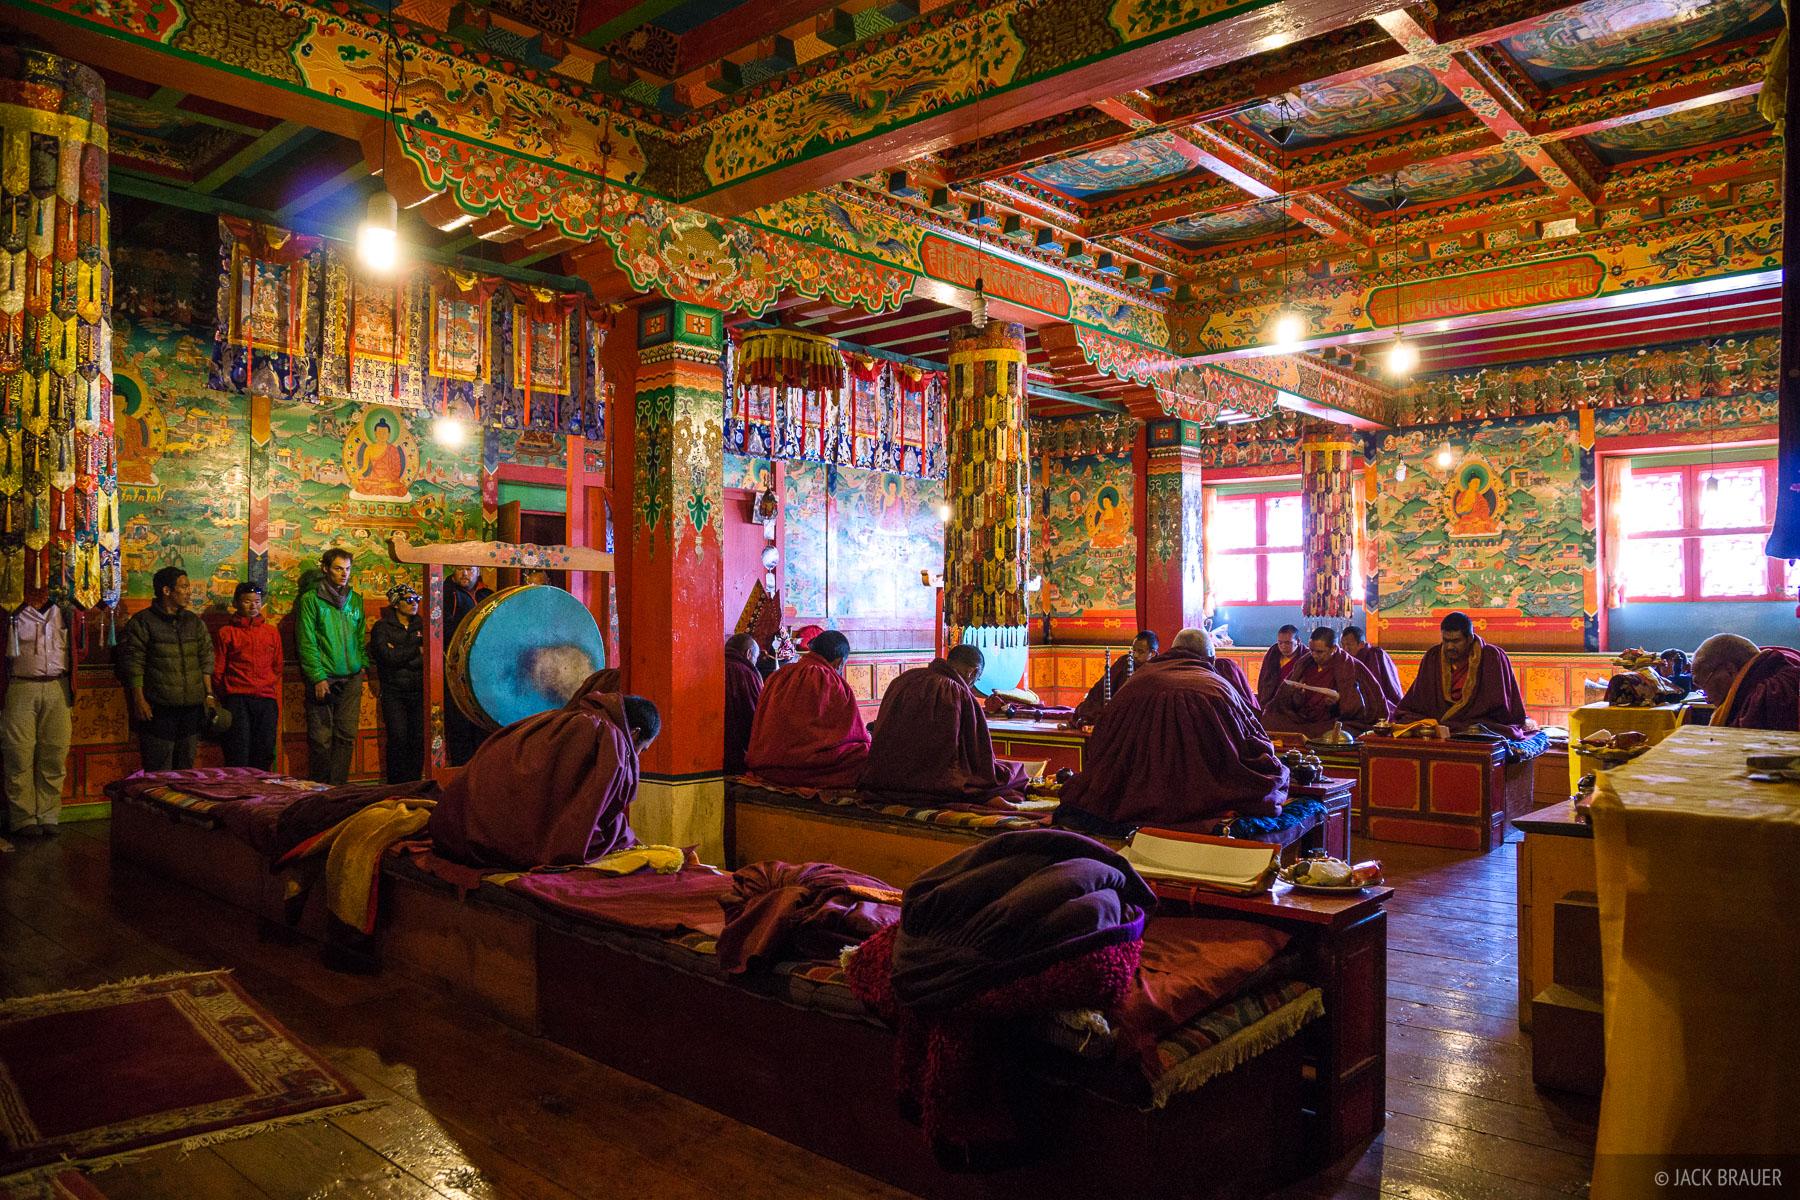 Himalaya,Khumbu,Nepal,Tengboche, monks, Buddhist, monastery, photo